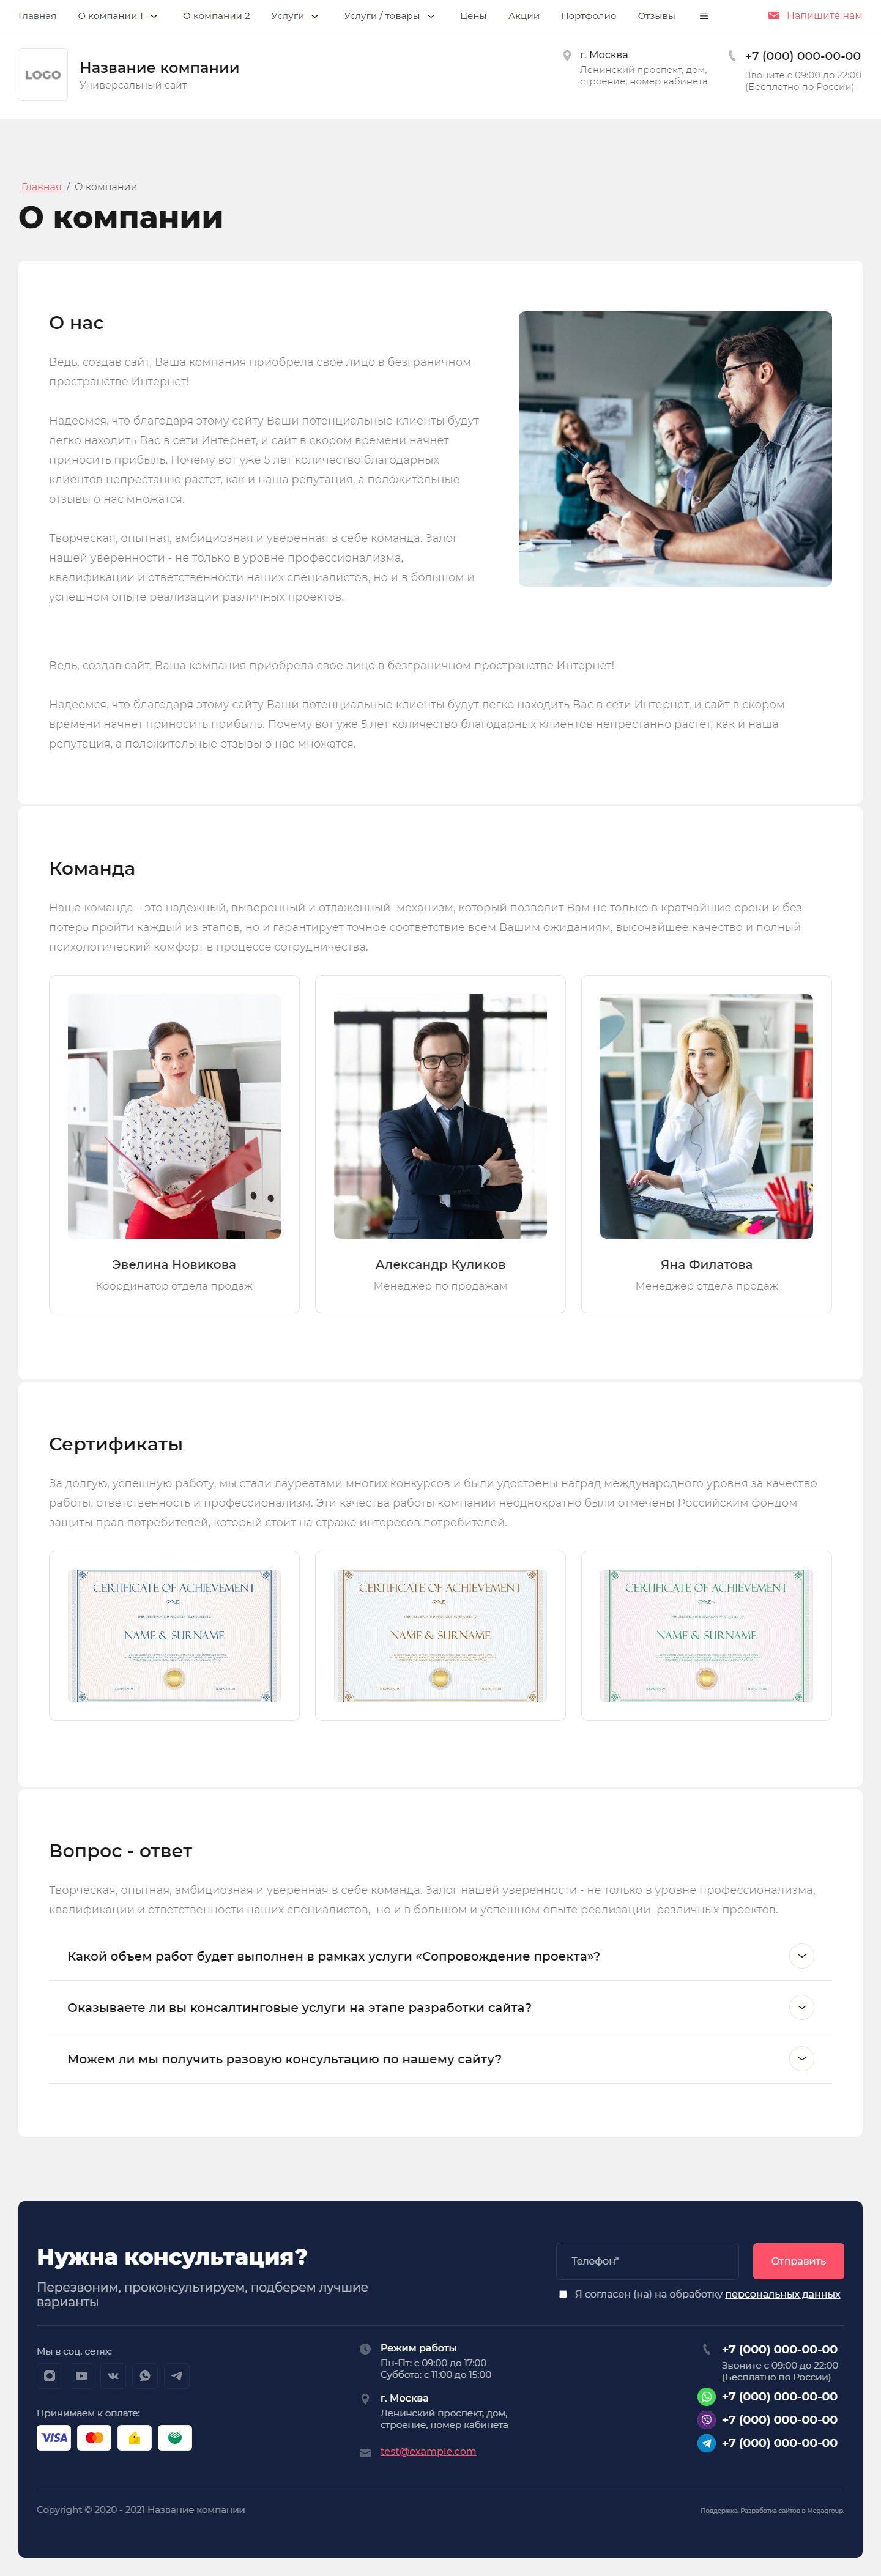 Готовый Сайт-Бизнес #2774429 - Универсальный дизайн (О компании)